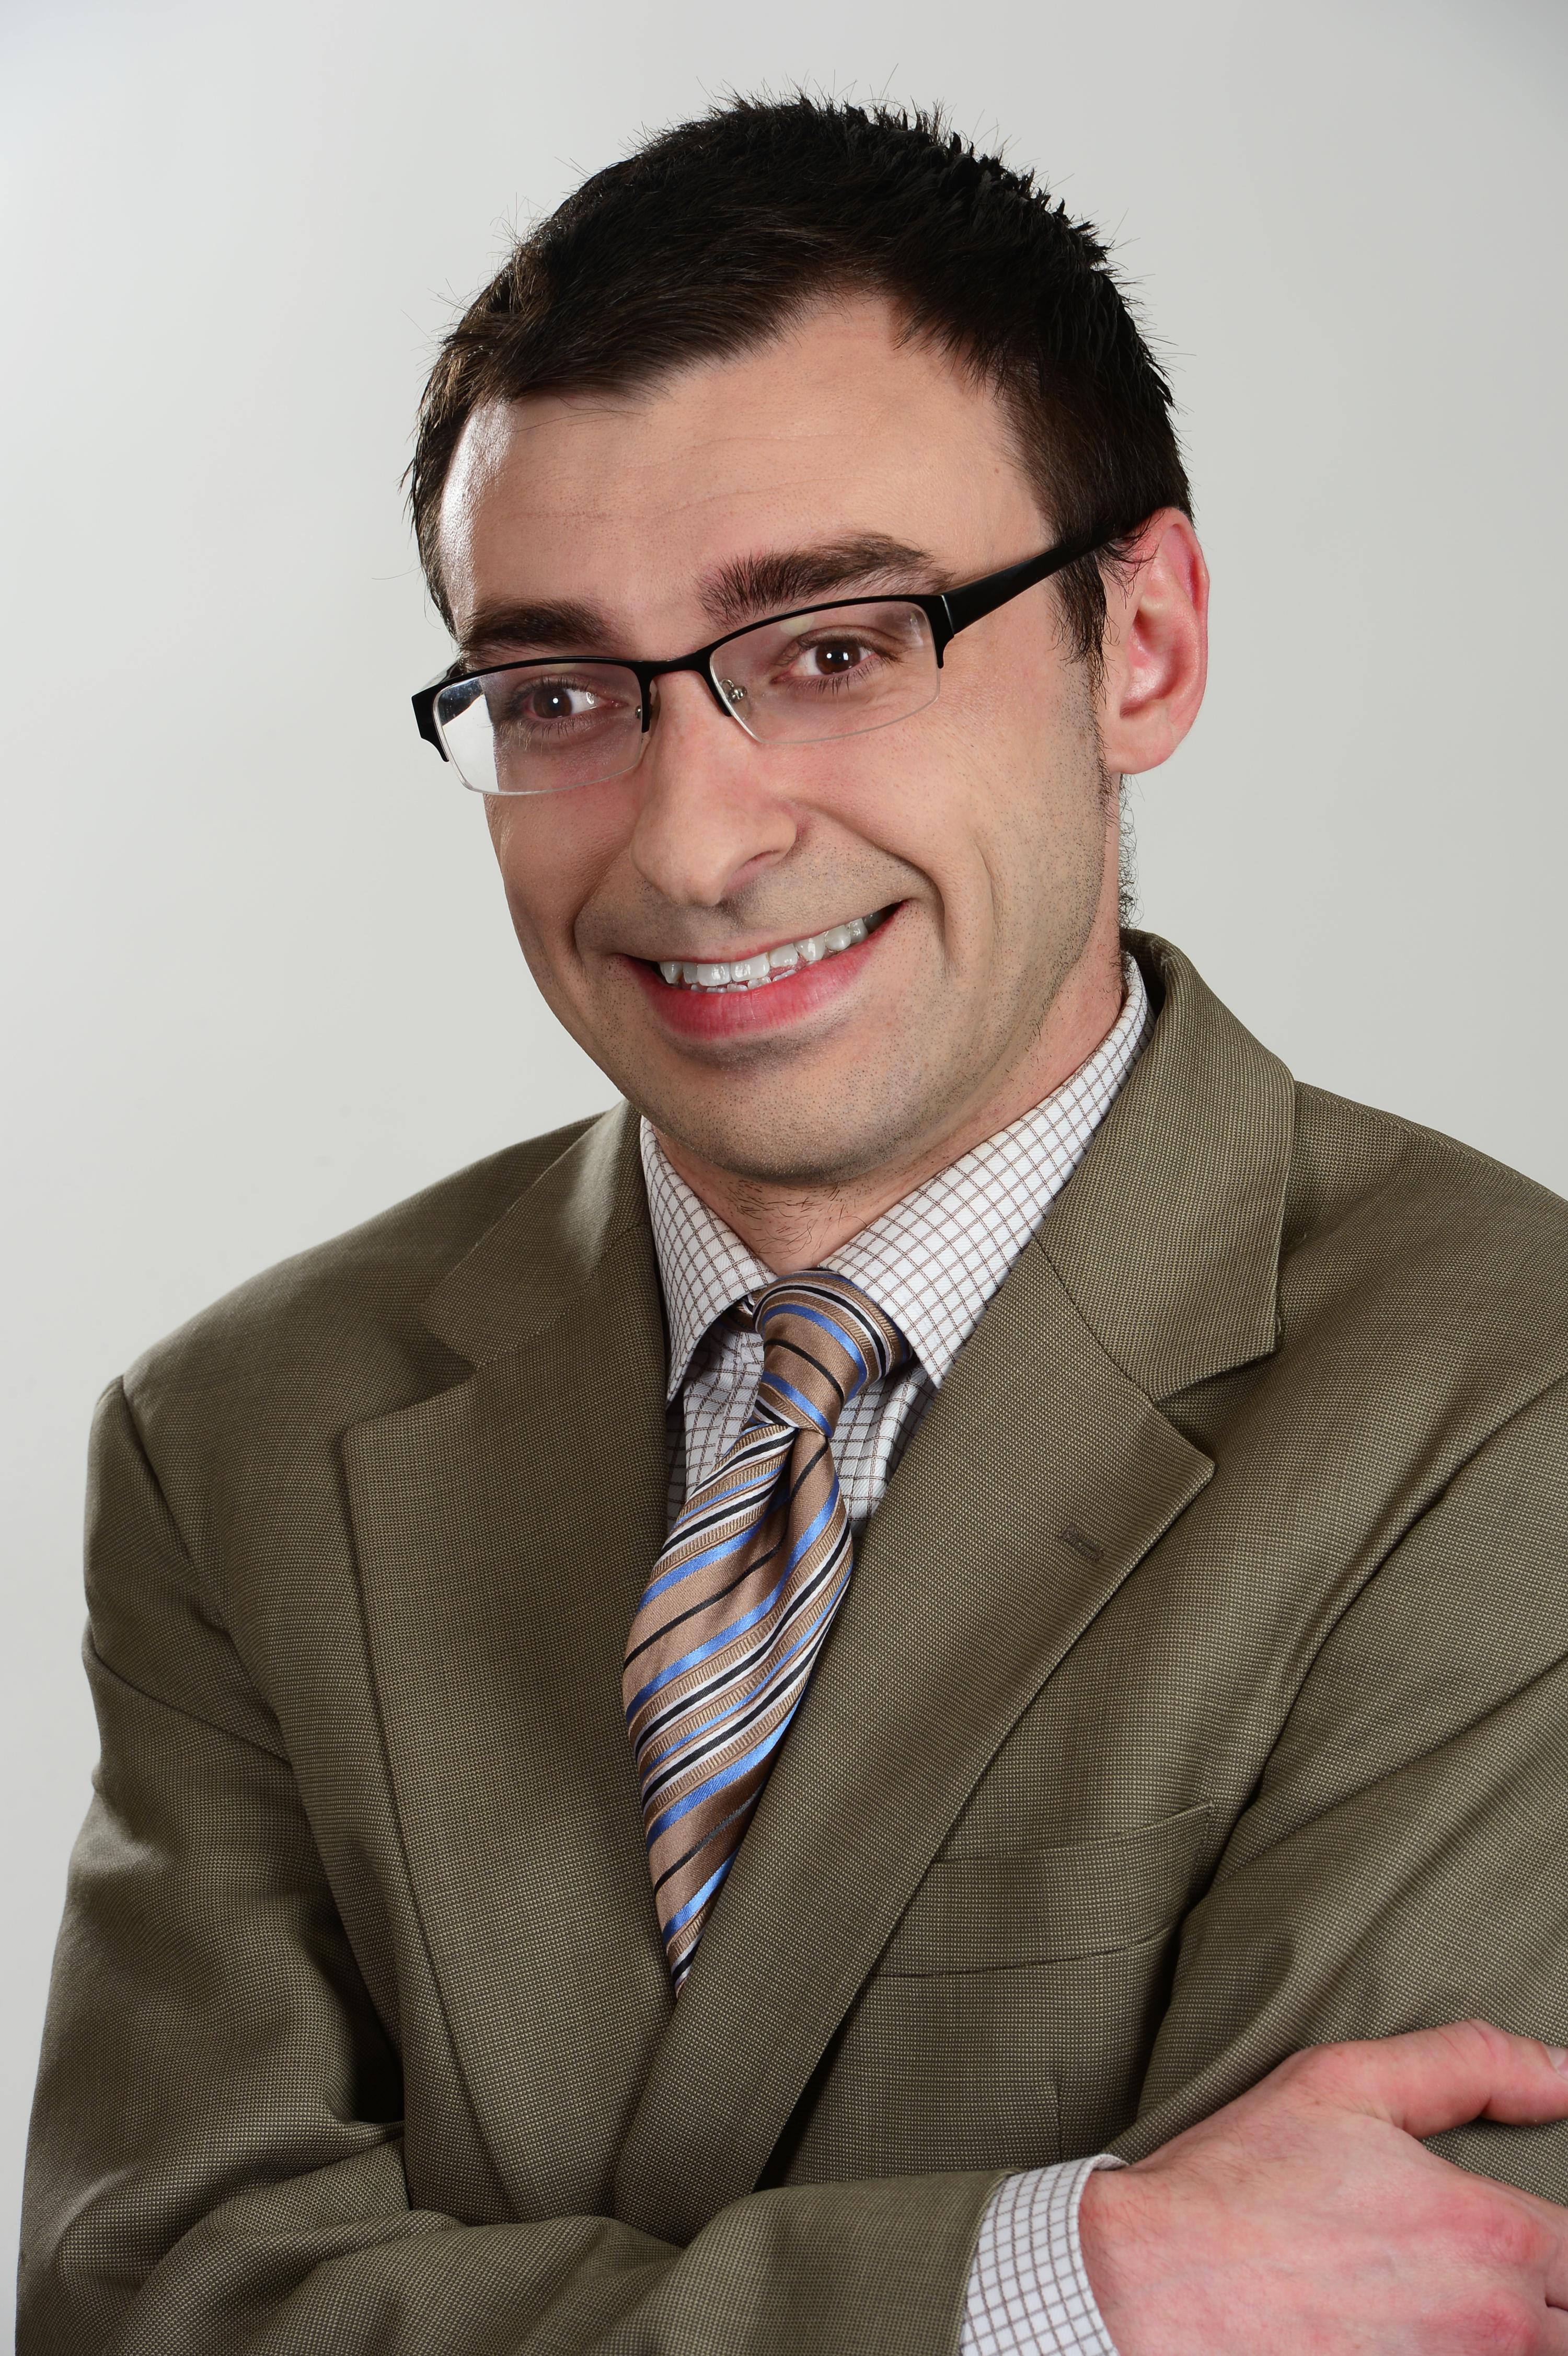 Jason Benetti